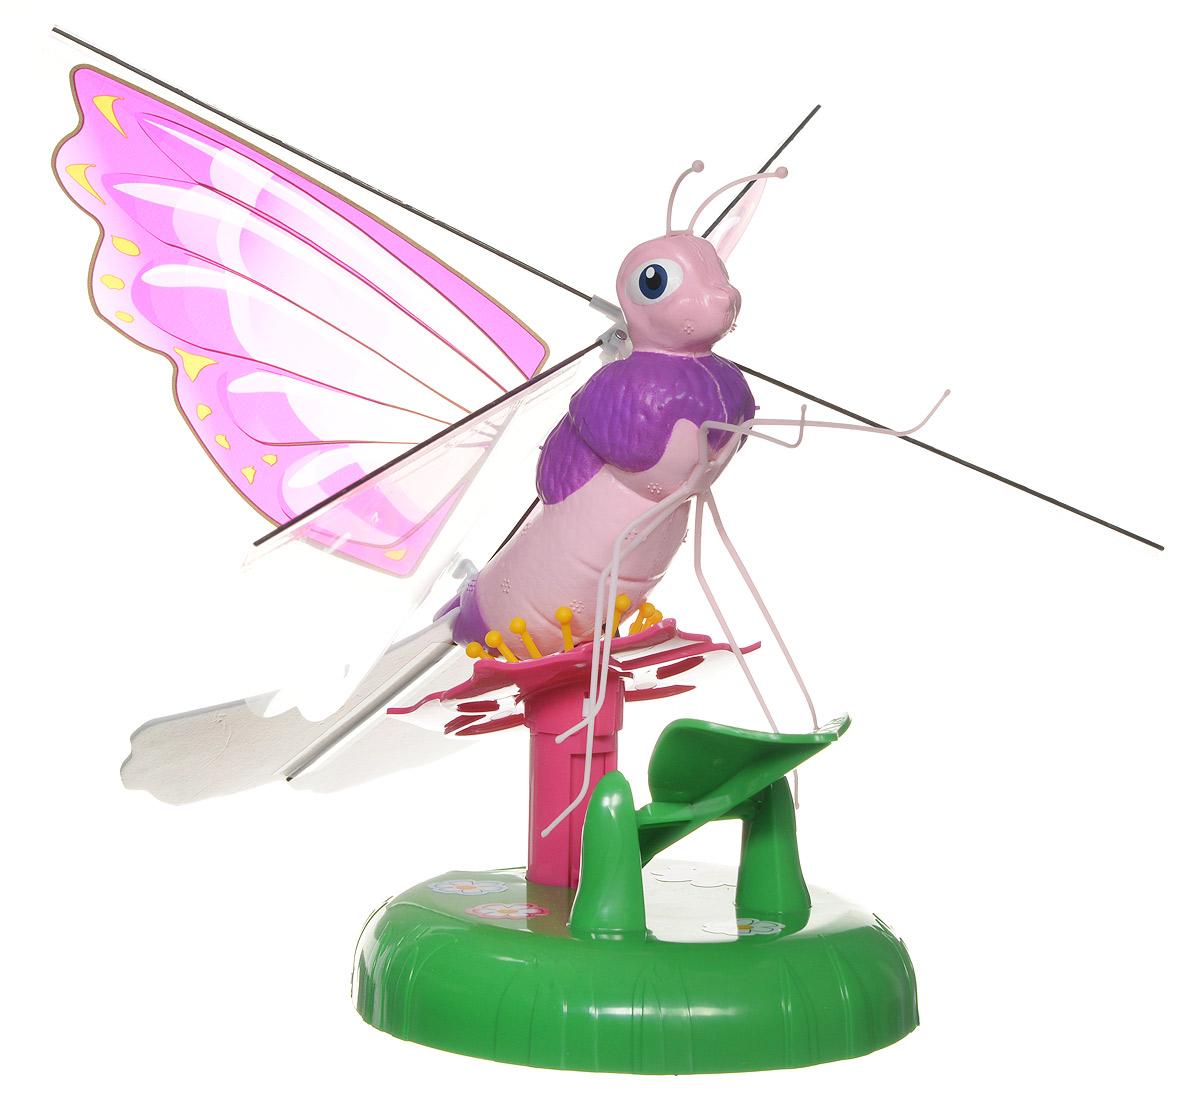 Splash Toys Интерактивная игрушка Летающая бабочка Kaly30850_розовый, зеленыйИнтерактивная игрушка Splash Toys Летающая бабочка Kaly станет отличным подарком каждой девочке. Игрушка выполнена из безопасных для здоровья ребенка материалов. Использовать игрушку можно только в помещении. Посадите бабочку на цветок и нажмите на нее, чтобы заставить взлететь. Она полетит по кругу, постепенно поднимаясь, и когда она начнет снижаться, поднесите под нее руку - бабочка отреагирует на руку и снова взлетит. Красочная бабочка летает по окружности на высоте 2 метров. Необходимо купить 4 батарейки напряжением 1,5V типа АА (не входят в комплект). Ваш ребенок будет в восторге от такого замечательного подарка!